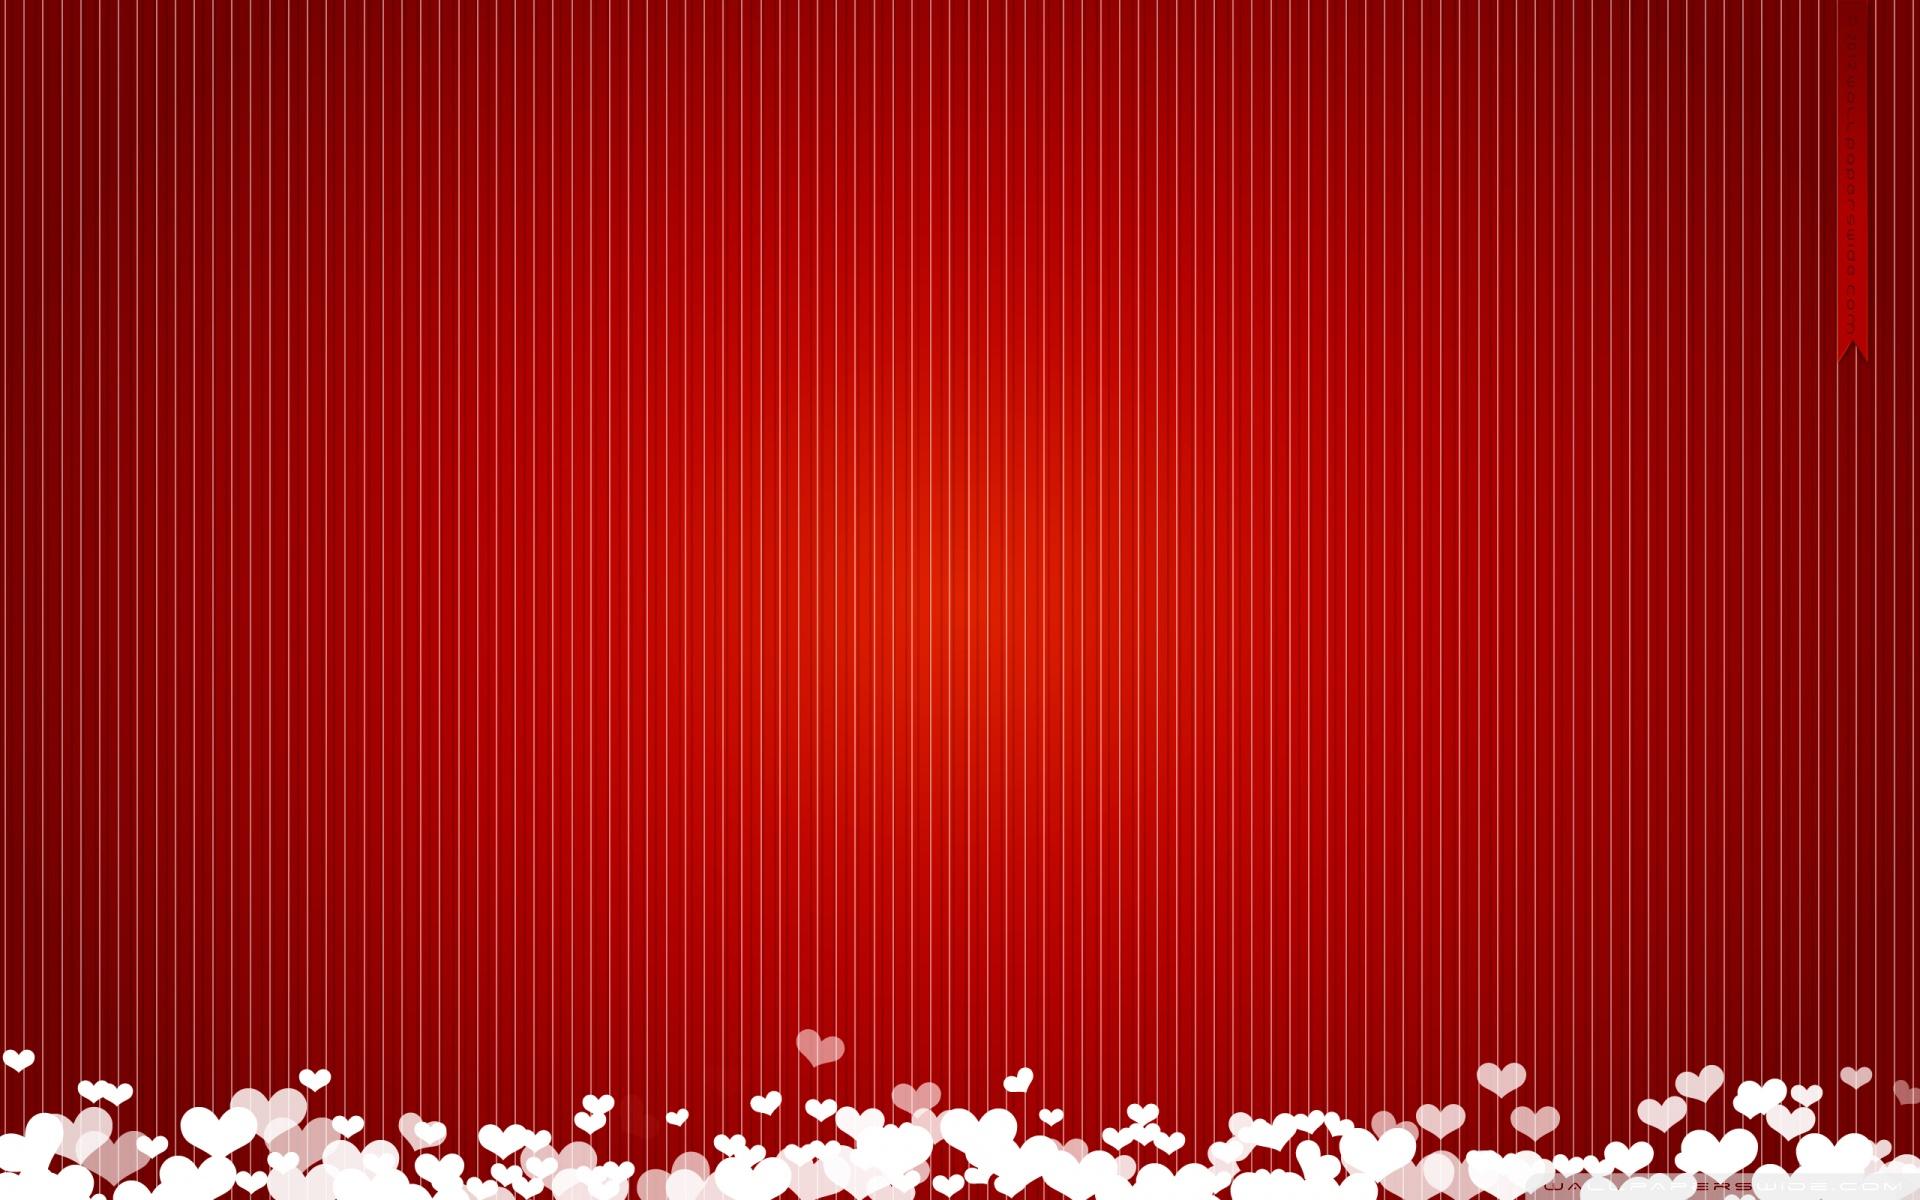 Love Valentine Red Background Wallpaper Dekstop   Powerline Plus Ltd 1920x1200